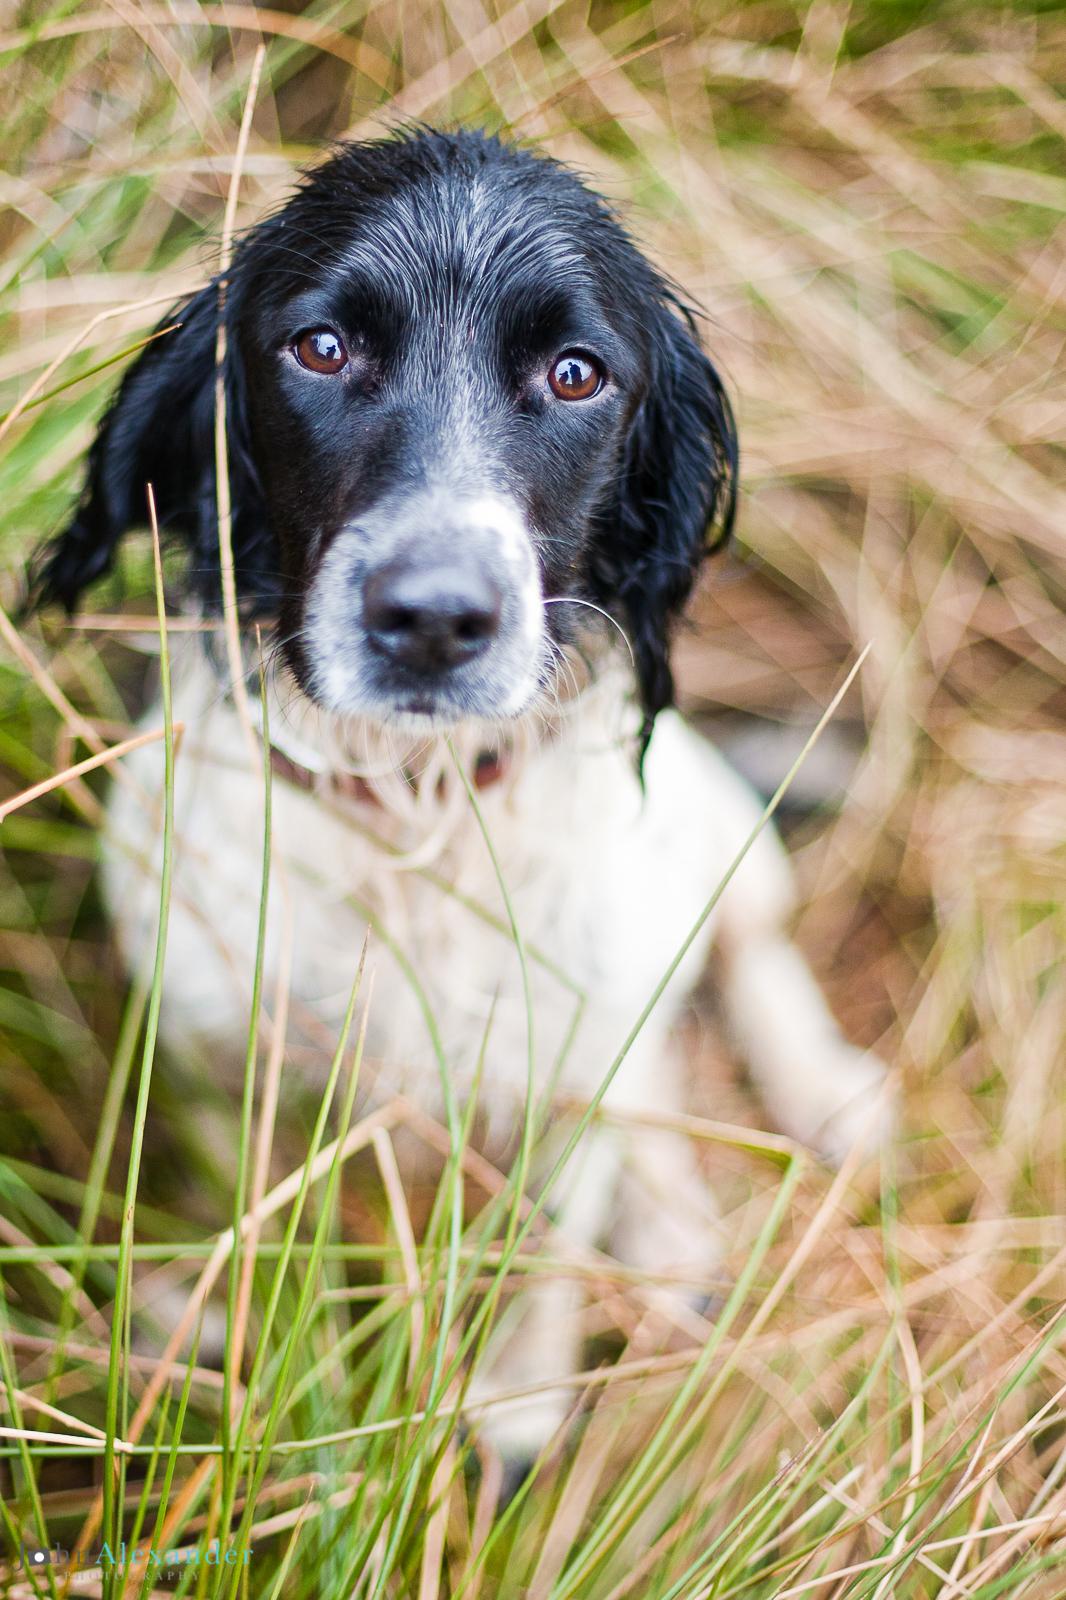 Spaniel gun dog looking up at camera